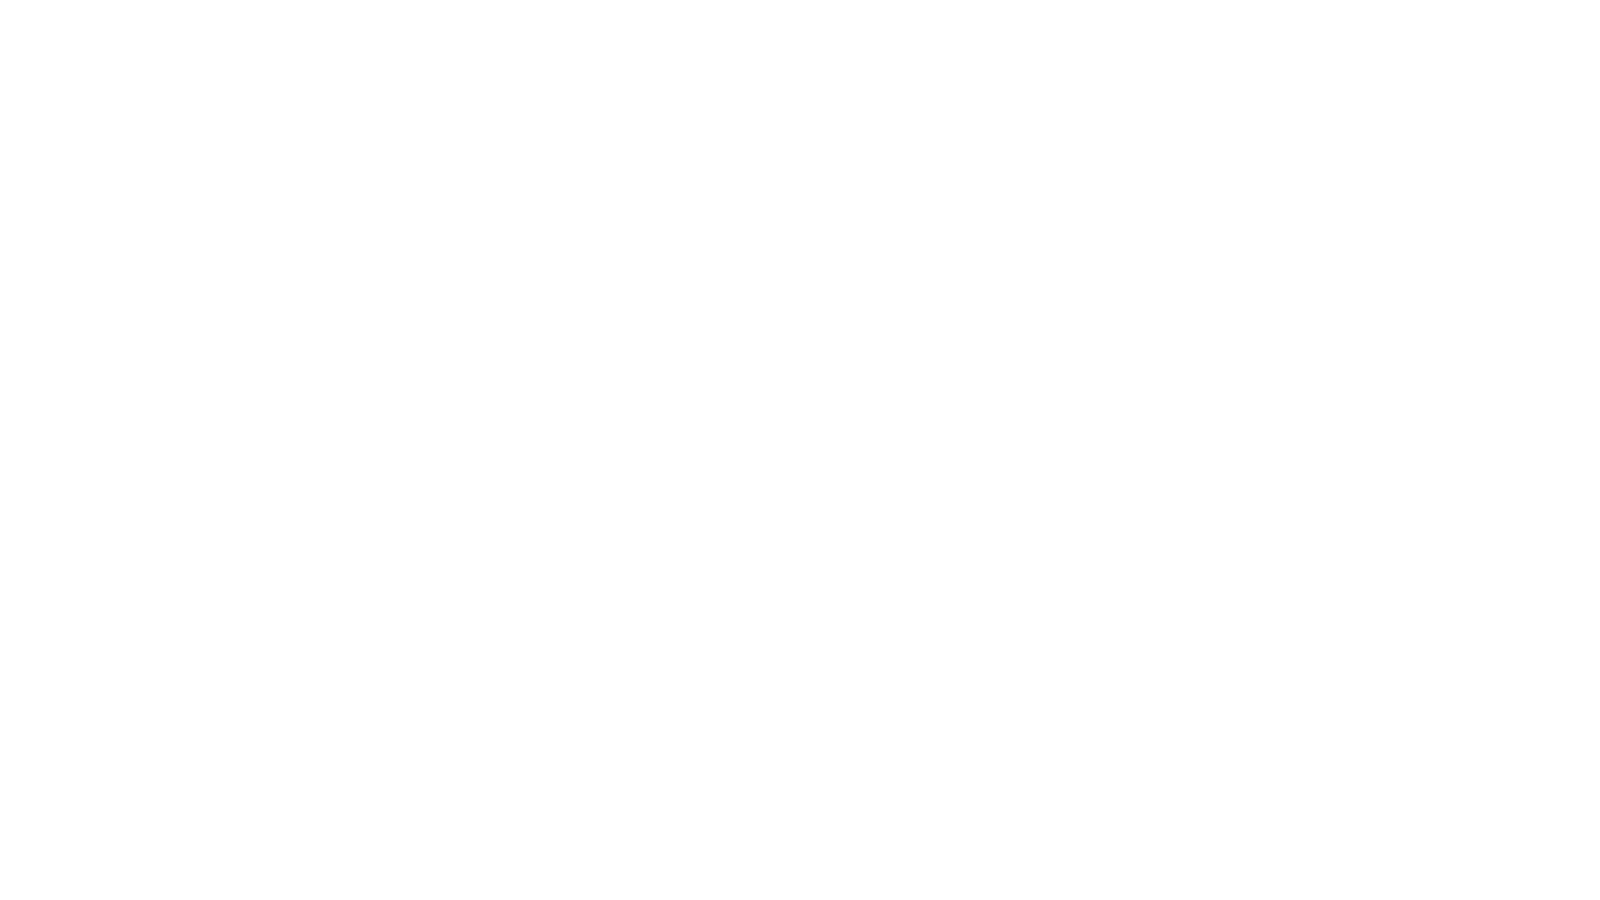 О ДЕЯТЕЛЬНОСТИ АНТИКОРРУПЦИОННОГО ПРАВОЗАЩИТНОГО СОВЕТА Руководитель Антикоррупционного правозащитного совета Александр Снисарь принял участие в телепередаче «7218» на телеканале Д1. Во время эфира говорили о создании, направлениях деятельности, целях и задачах Антикоррупционного правозащитного совета. Обсуждали существующие проблемы прошлого и настоящего в сфере нарушений действующего законодательства со стороны физических, юридических лиц. Также сравнили коррупционные риски прошлого и настоящего, методы противодействия преступлениям. В связи с нехваткой времени, отведенного для интервью, Александр Снисарь успел рассказать только о мизерном количестве случаев нарушения действующего законодательства, которые стали известны представителям нашей организации. Со дня основания, нам систематически поступает информация о совершенных преступлениях, коррупции, правонарушениях. Команда юристов, правозащитников, входящих в состав Антикоррупционного правозащитного совета, зафиксировала, подтвердила сотни правонарушений. По информации и подтверждающим документам, собранными Антикоррупционным правозащитным советом, было открыто огромное количество уголовных производств. Дела, в том числе резонансные (относительно работников правоохранительной, судебной системы, депутатов и т.д.), по возможности, доводятся до обвинительного приговора. Как и в прошлом, результативное противодействие преступности - очень непростая задача. Основные препятствия - кадровый голод (нехватка профессионалов) в правоохранительных, контролирующих органах, несовершенство работы судебной системы и тому подобное. Но, как и раньше, мы ни на шаг не отступаем от своих целей. Главная наша задача: противодействовать коррупции, правонарушениям, преступности на территории нашего города и Днепропетровской области. Стараемся способствовать наведению порядка именно там, где живем, где живут наши семьи, друзья, наши близкие. Хочется еще раз обратиться к неравнодушным жителям Днепропетровщины, общественным организациям, с